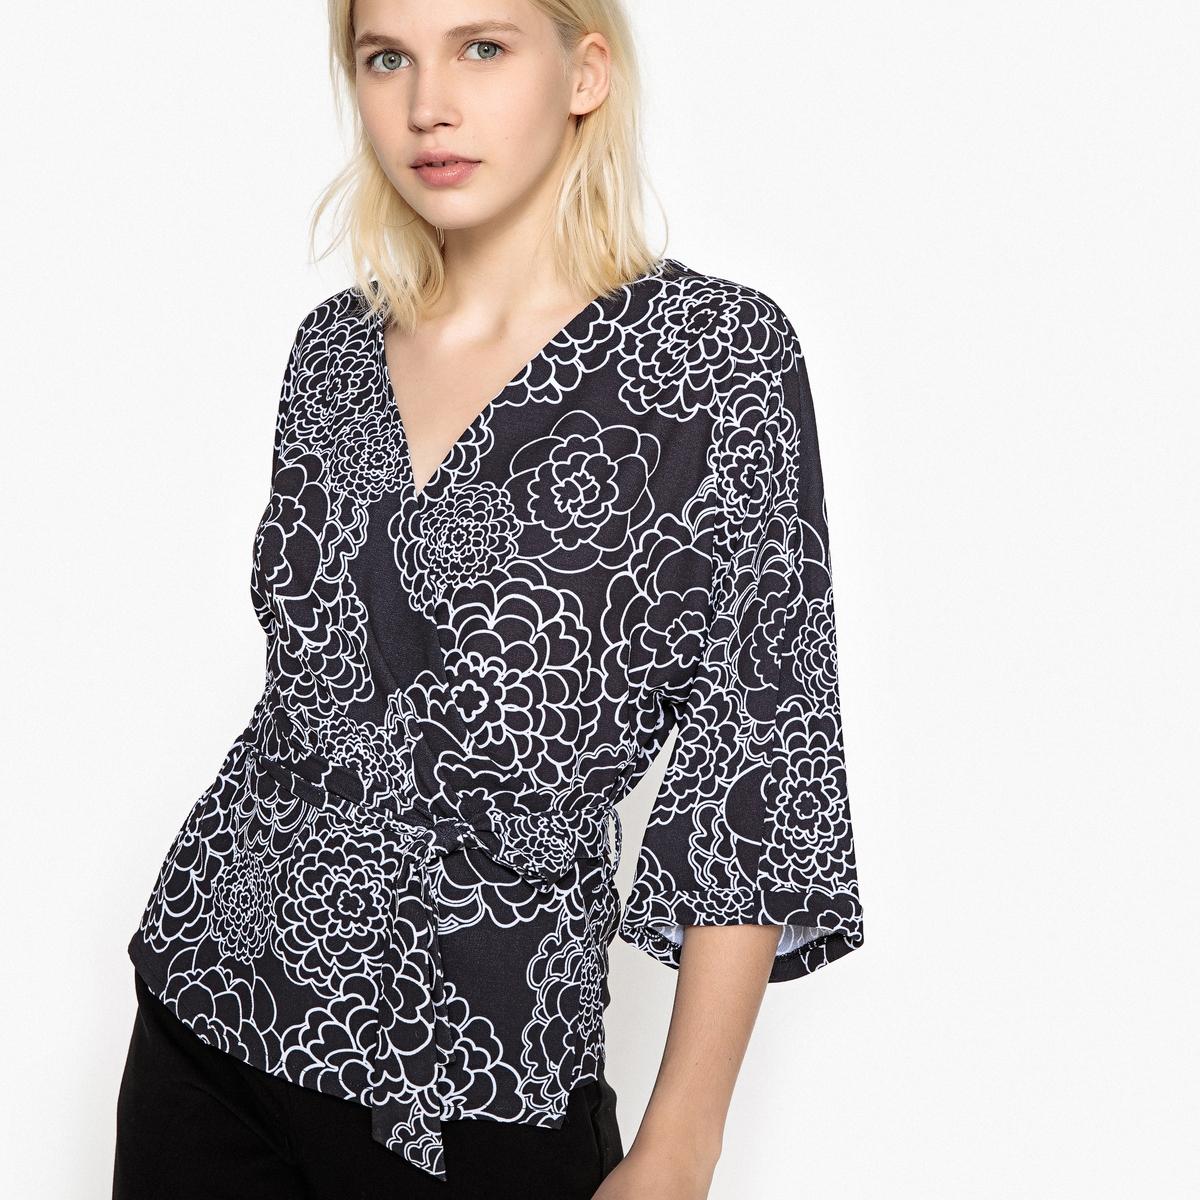 Блузка в форме каш-кер с поясом и цветочным рисунком